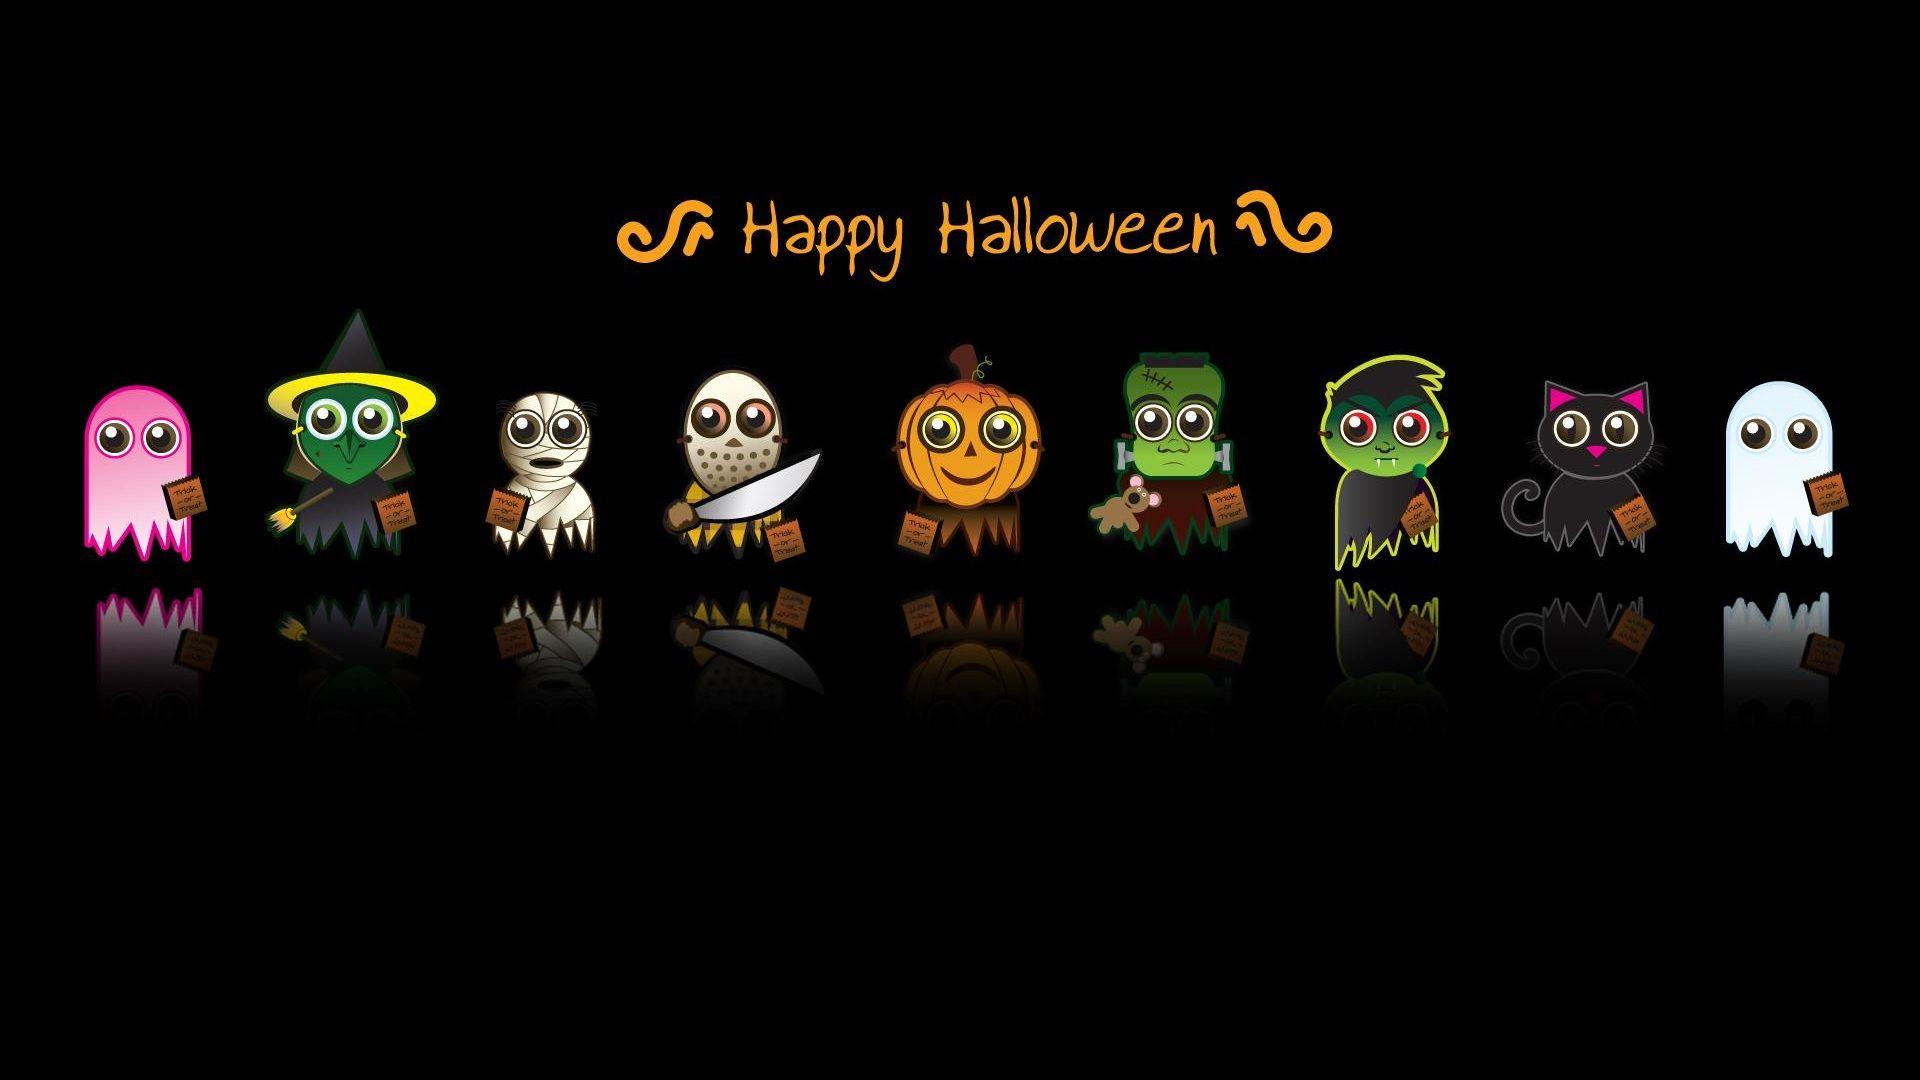 Attirant Halloween Wallpaper | Halloween Wallpapers 60, Free Wallpapers, Free  Desktop Wallpapers, HD .